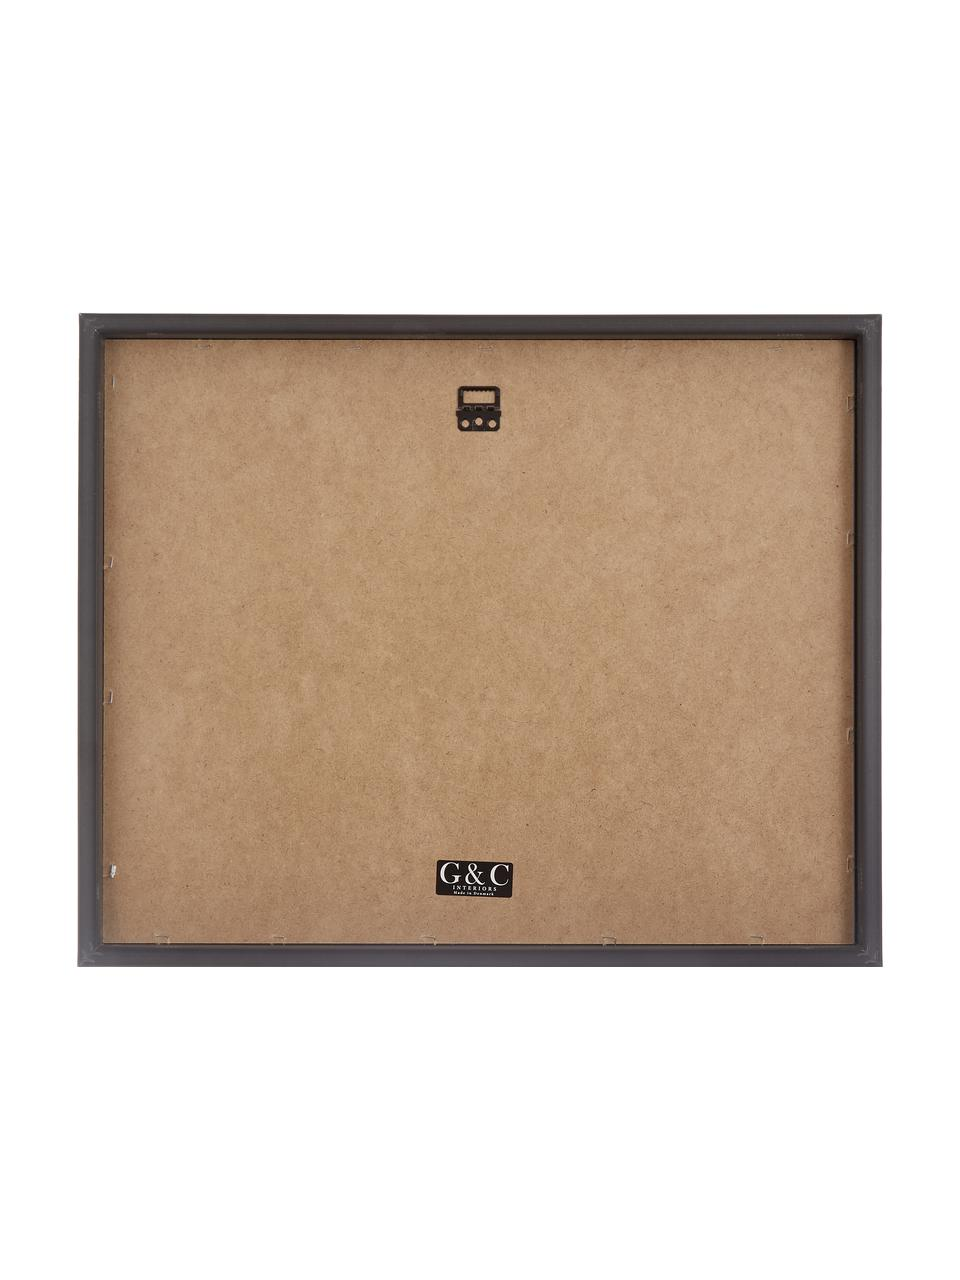 Ingelijste digitale print Picasso's Tekkel, Lijst: kunststof met antieke afw, Print: zwart, wit. Lijst: zilverkleurig, 50 x 40 cm